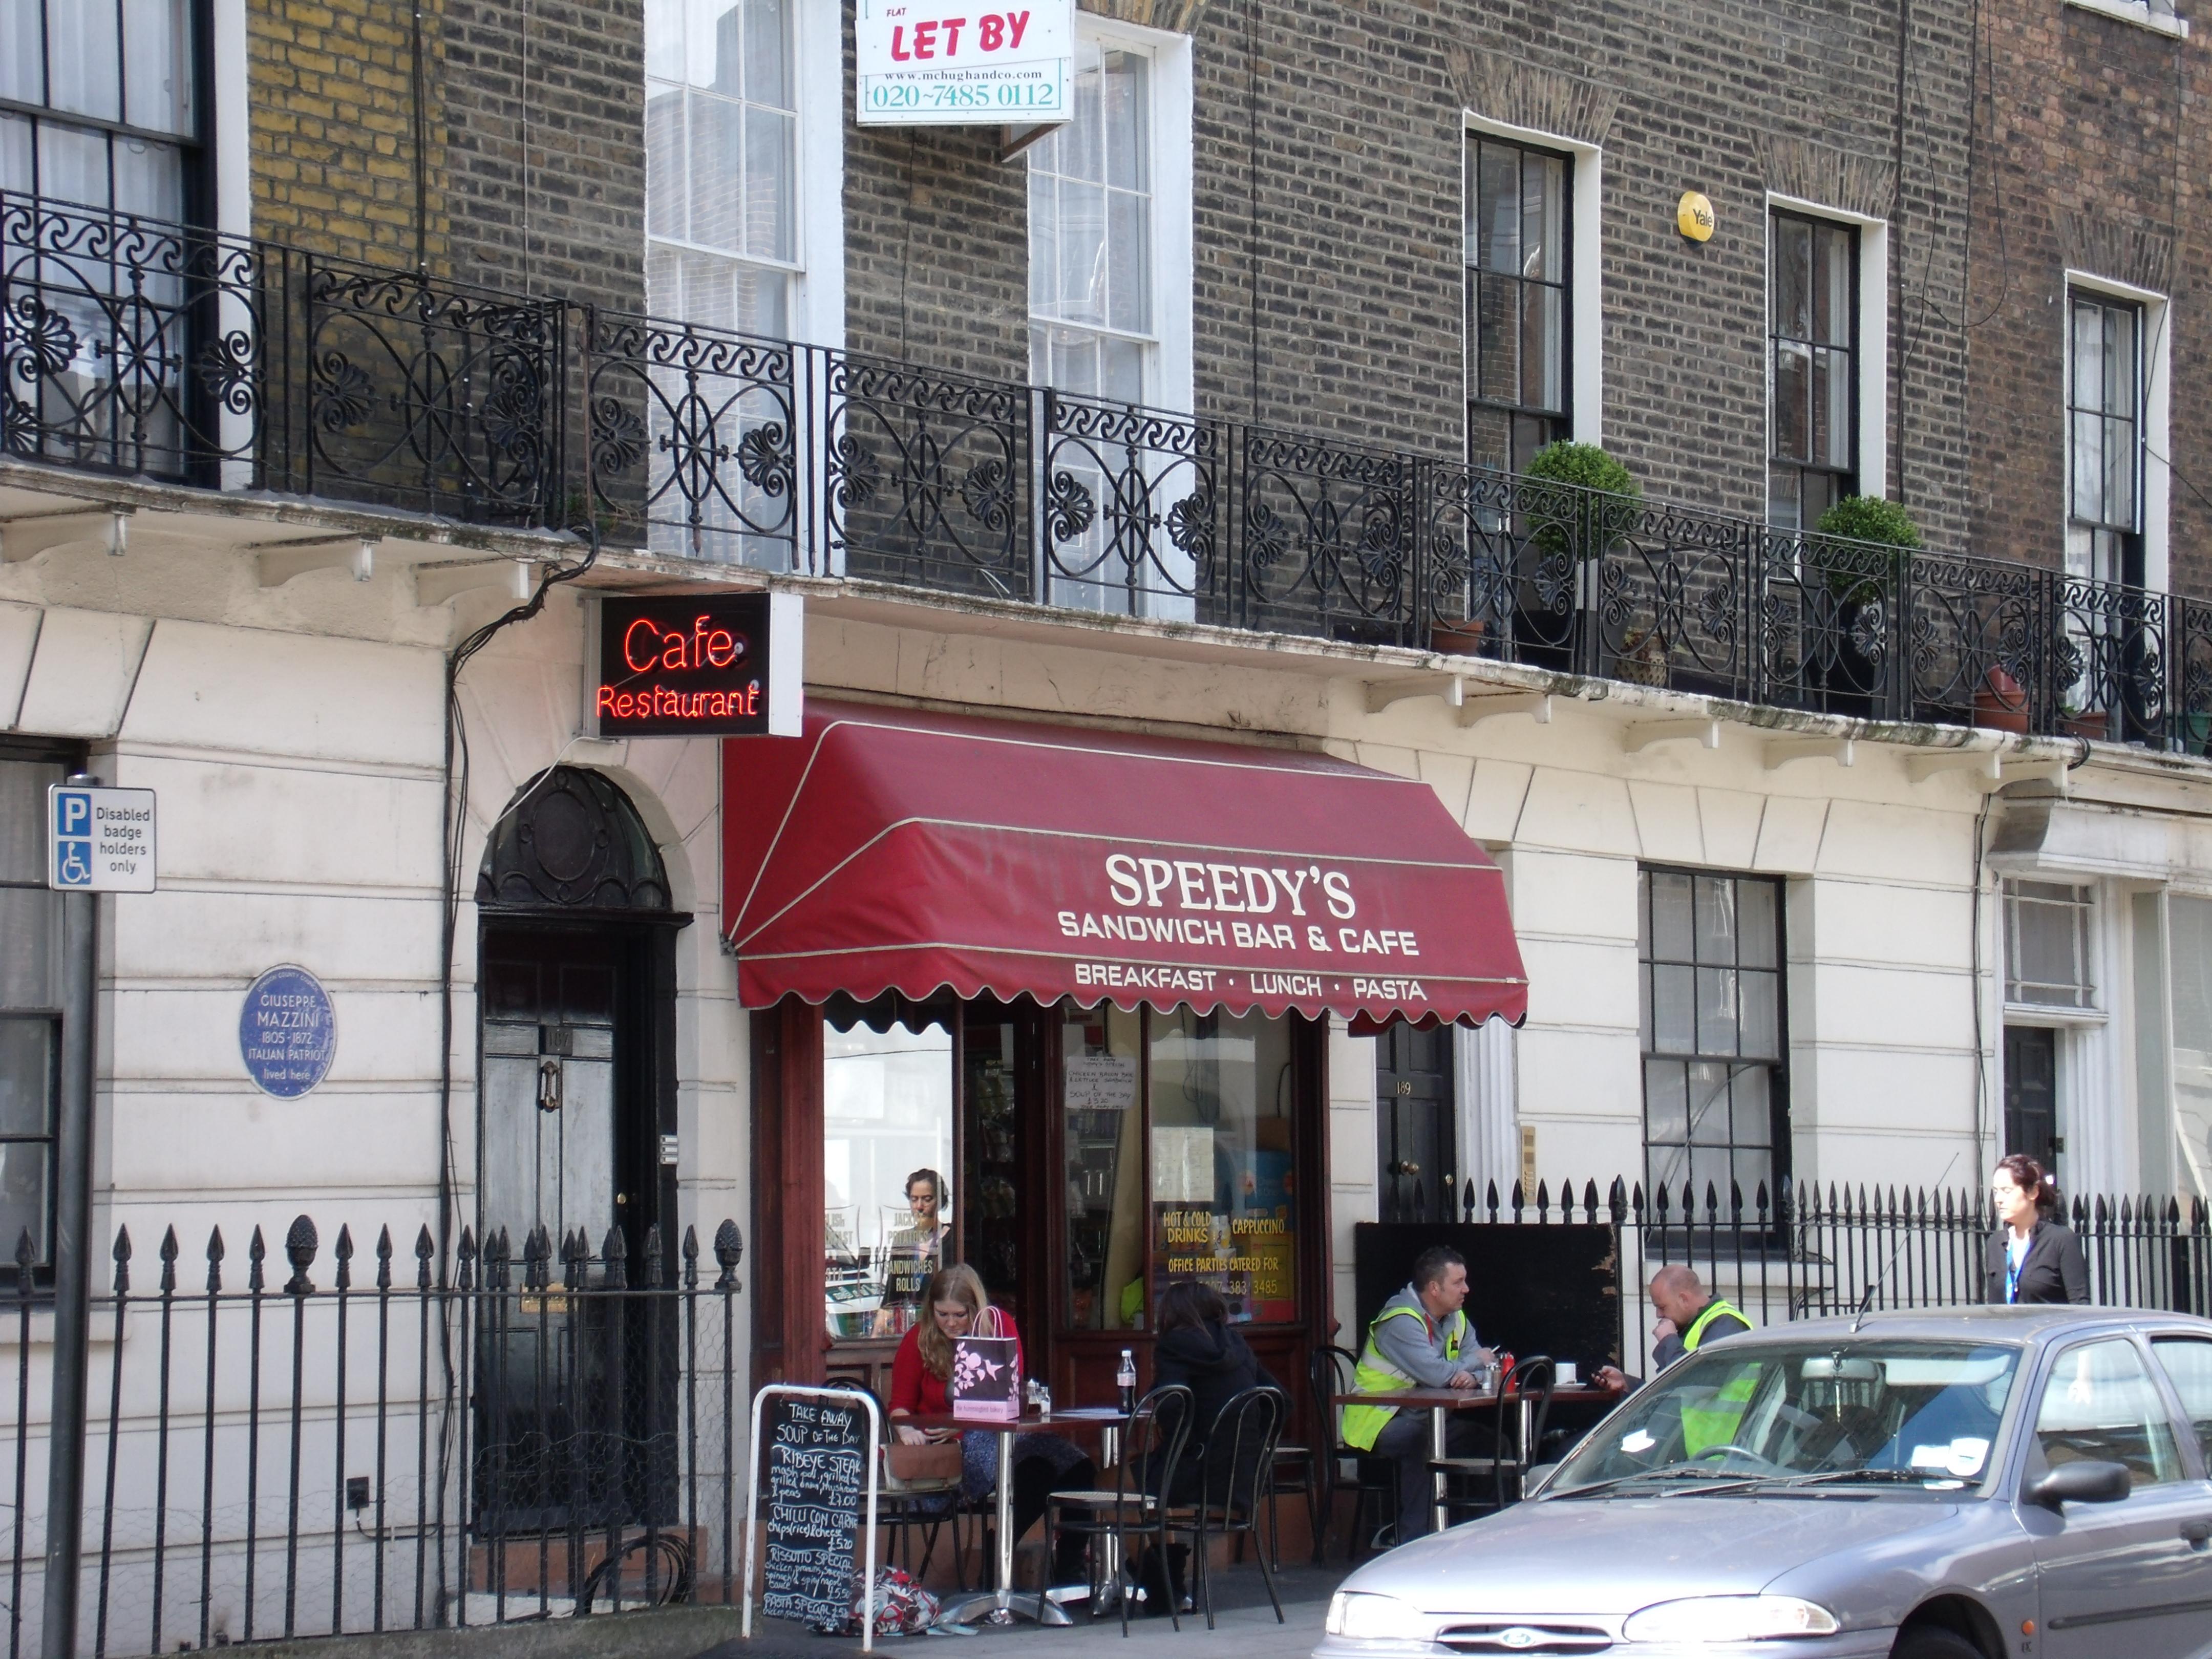 221b baker street street view